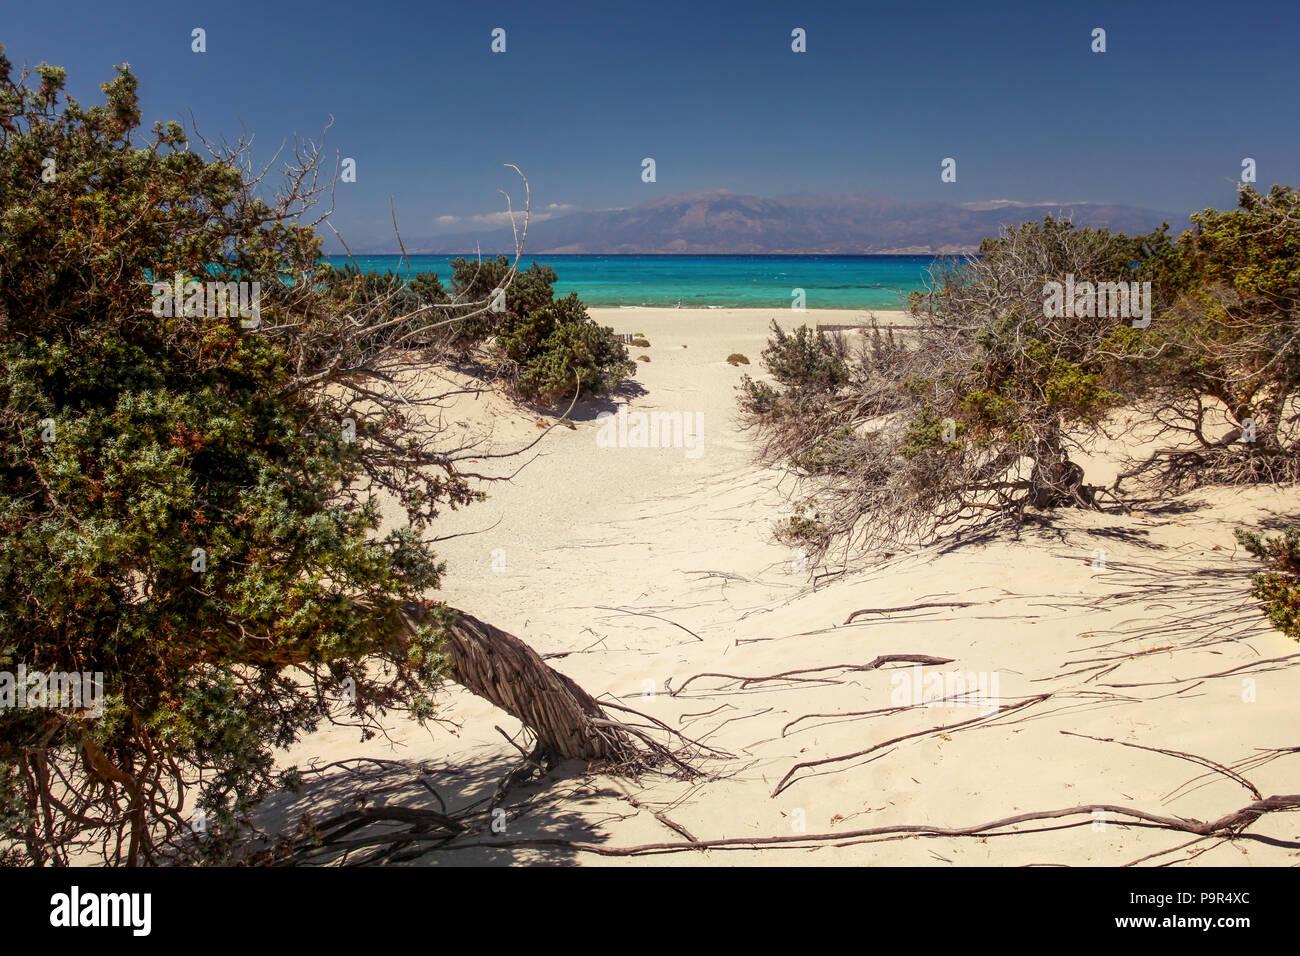 Großfrüchtige Wacholderbeeren (Juniperus macrocarpa) Bäume am Sandstrand mit Blick auf das Meer in der Ferne. Die Insel Chrissi, Ierapetra, Griechenland Stockbild